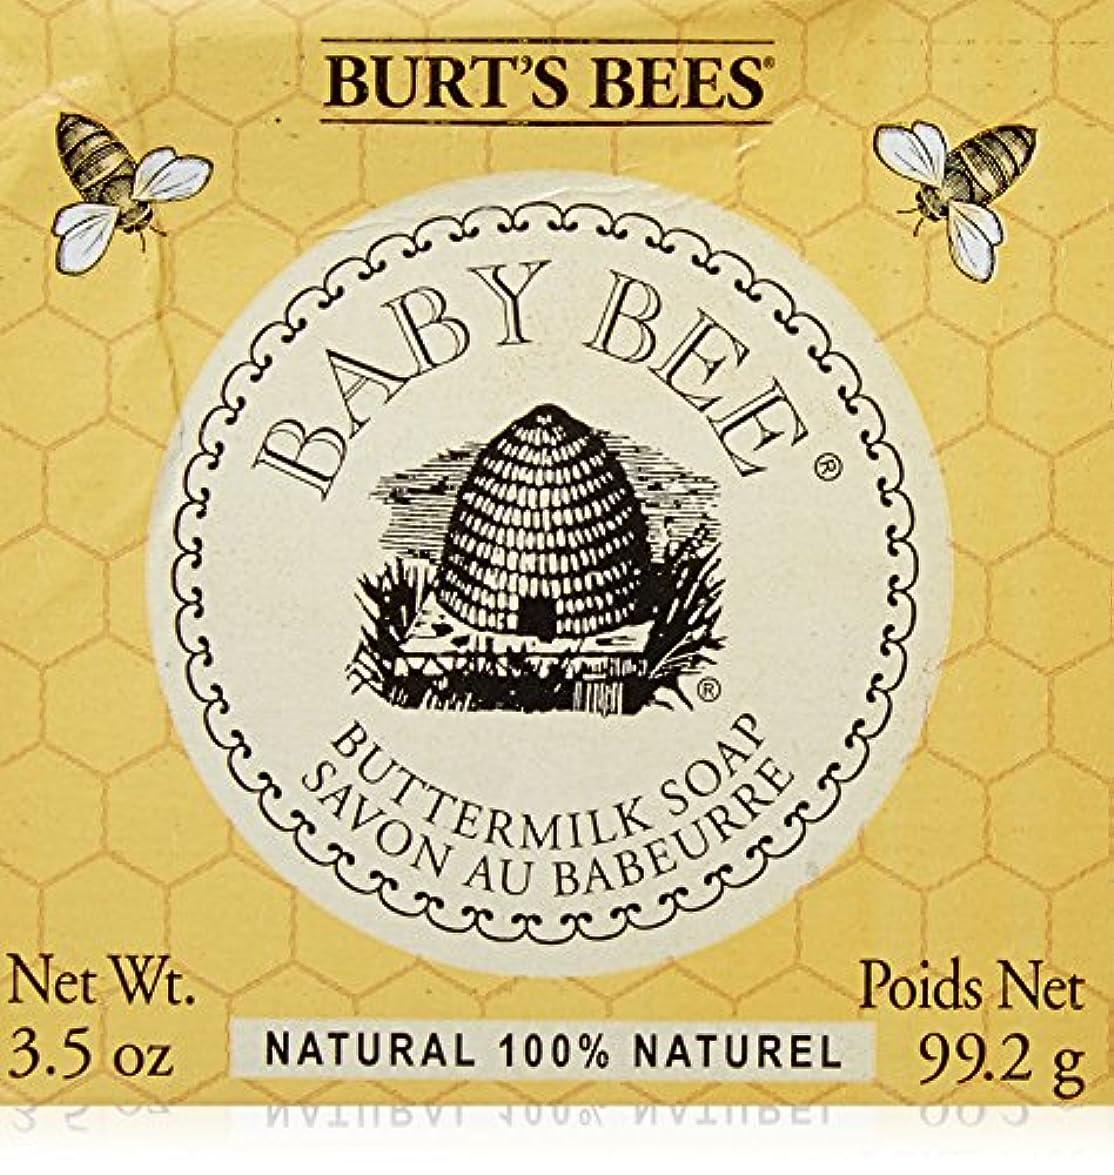 打ち負かすボートセマフォバーツビーズ BURT'S BEES Babybee バターミルクソープ 99g